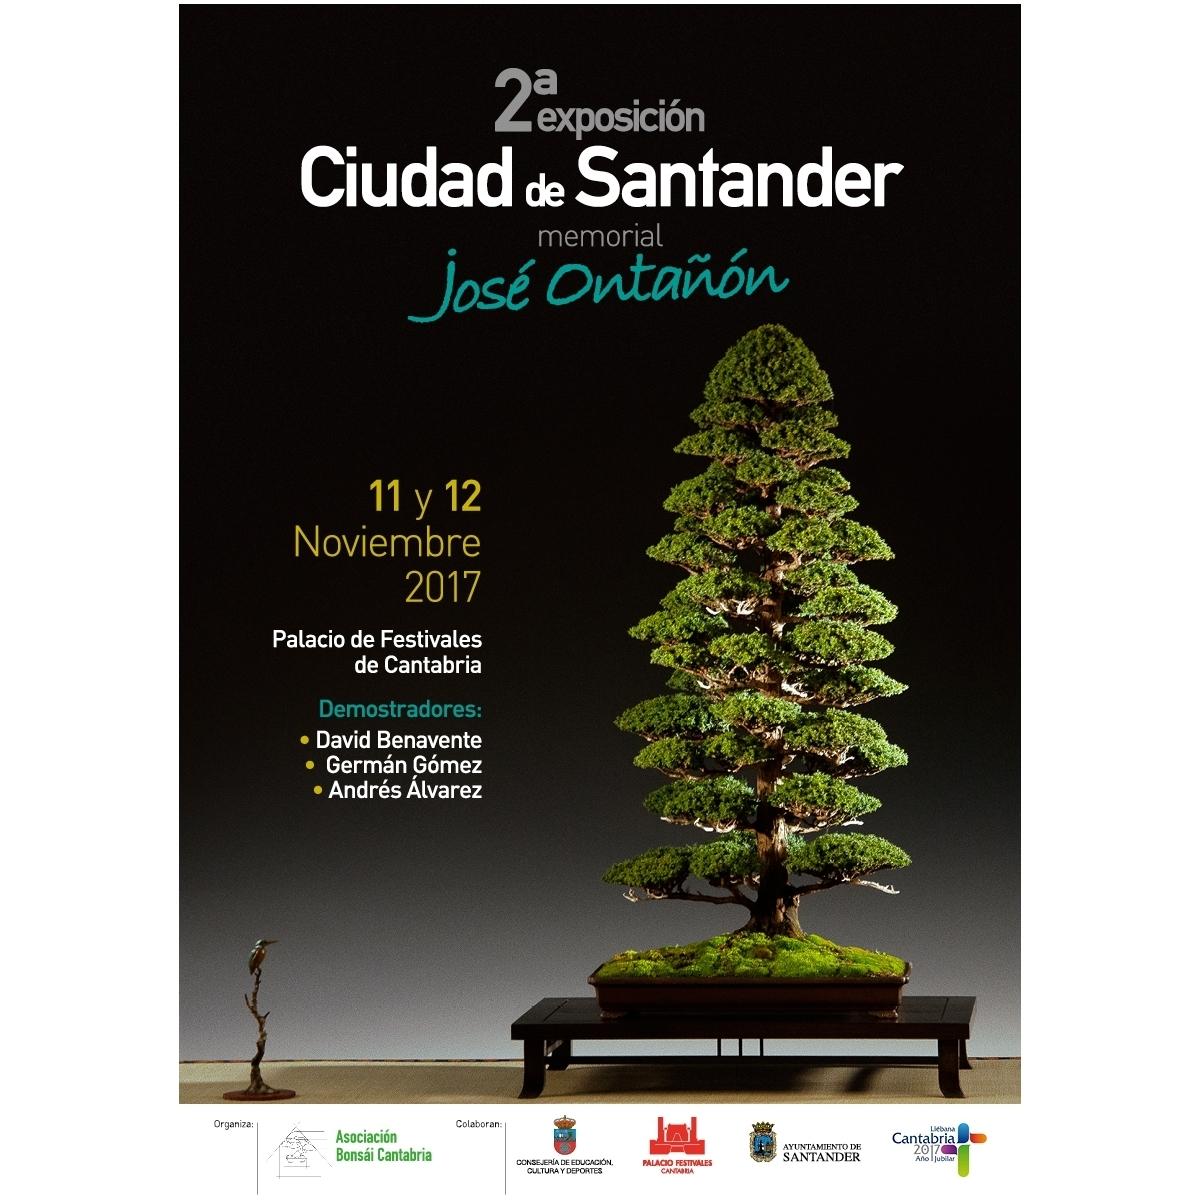 2ª Exposicion Ciudad de Santander - Memorial Jose Ontañon.